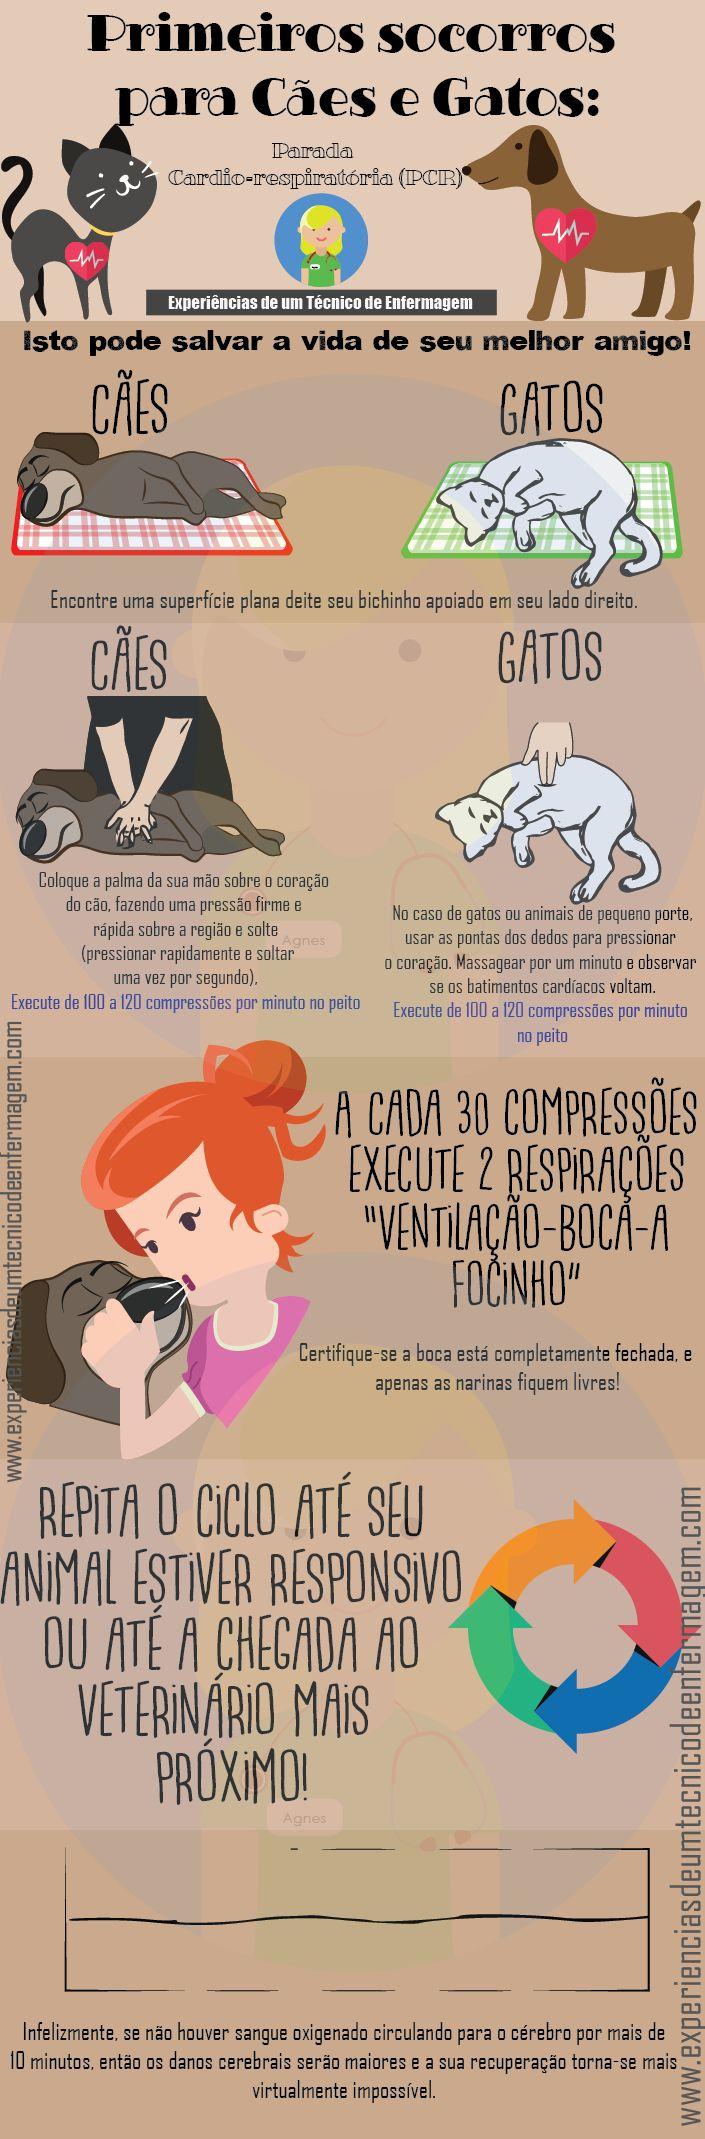 Primeiros Socorros para Cães e Gatos: A Parada Cardio-respiratória, o que fazer?